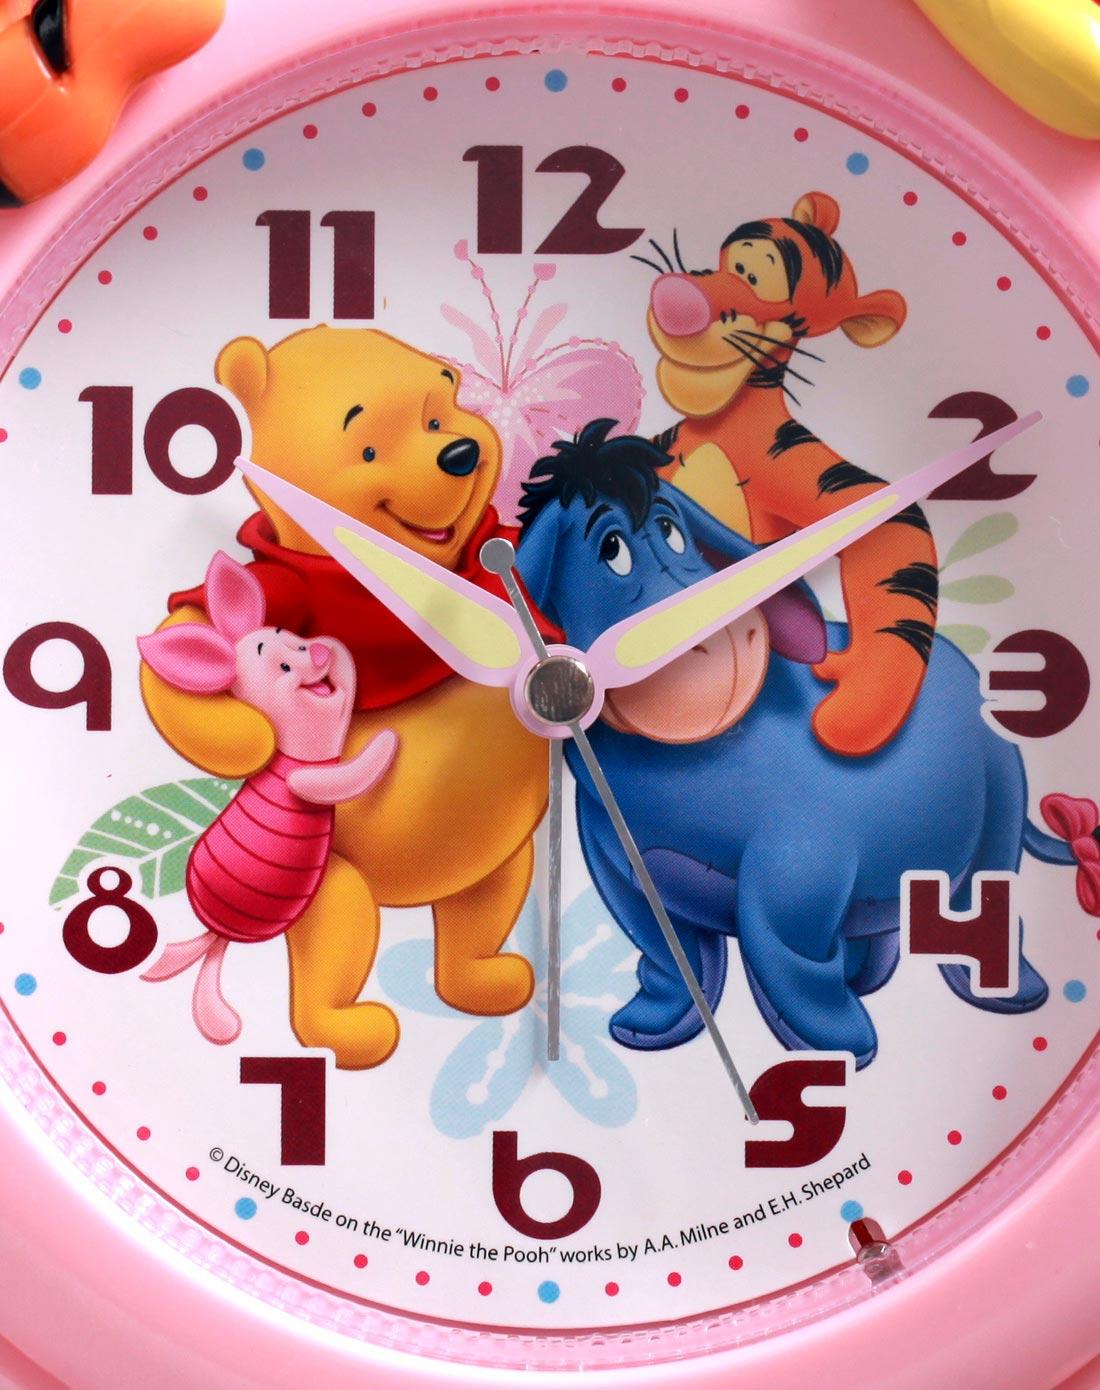 迪士尼&芭比儿童可爱卡通学生闹钟038001